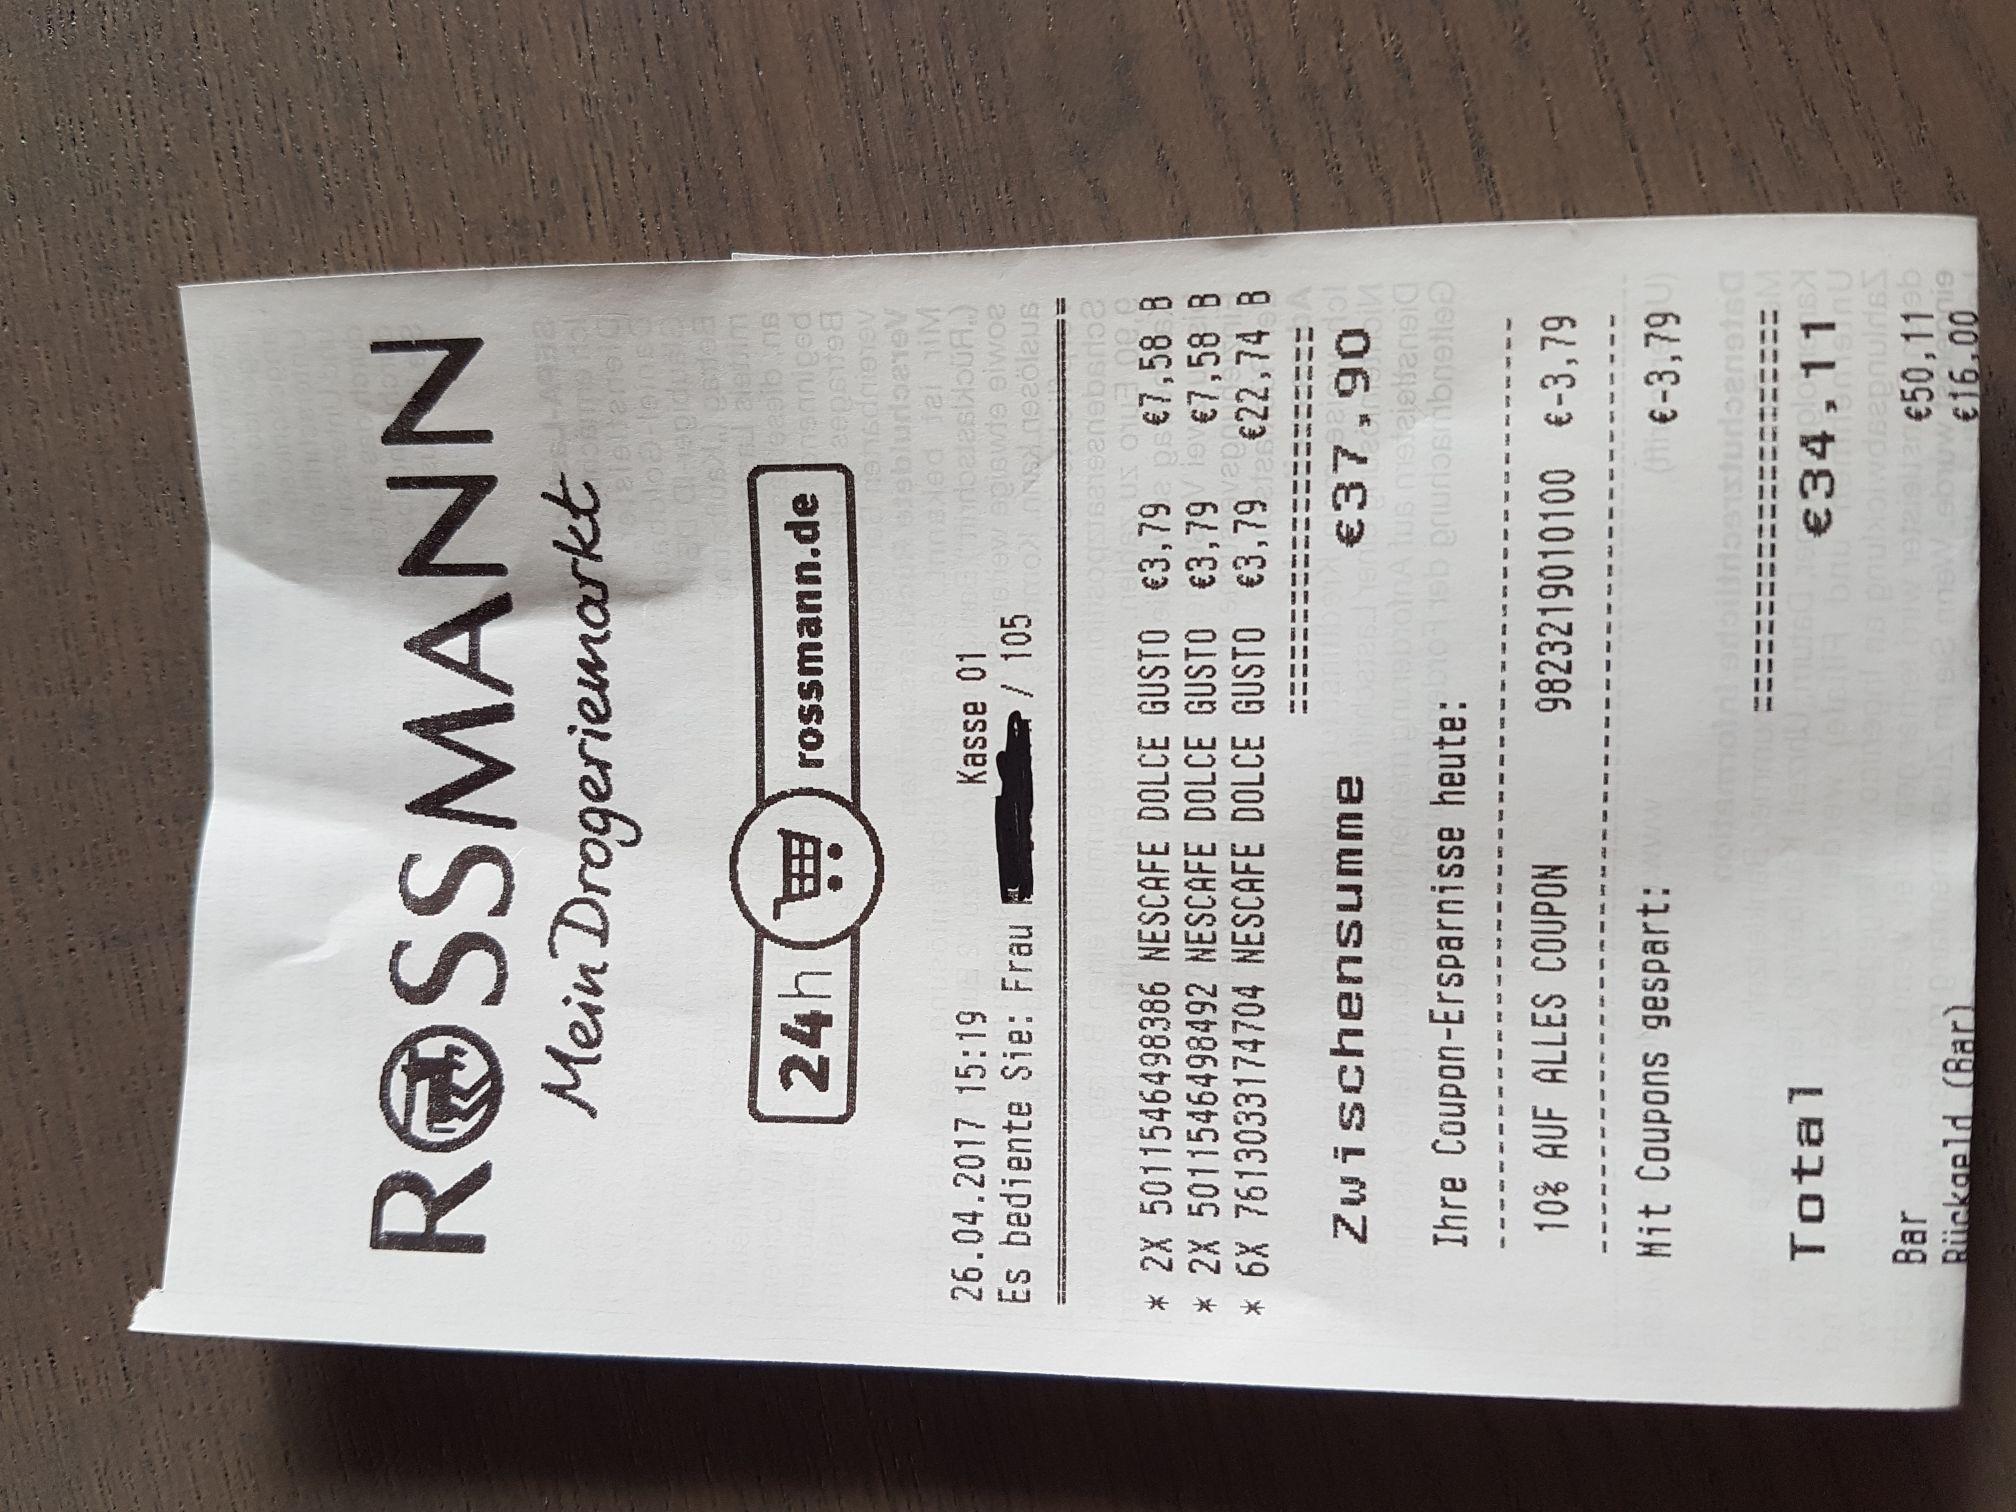 [Rossmann] Nescafe Dolce Gusto [3,41 Euro]